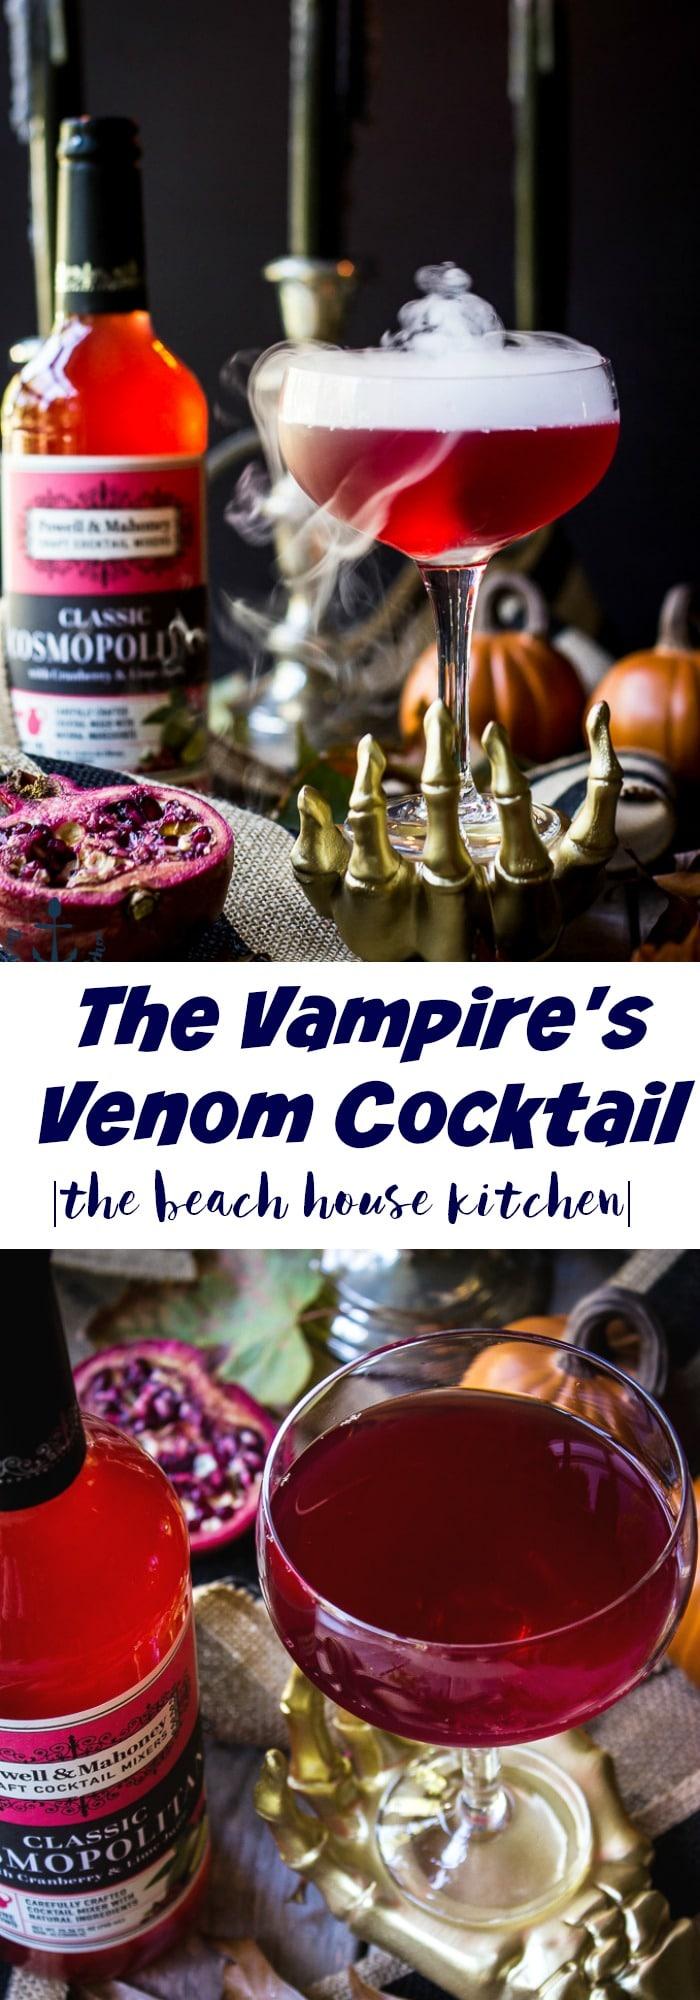 The Vampire's Venom Cocktail